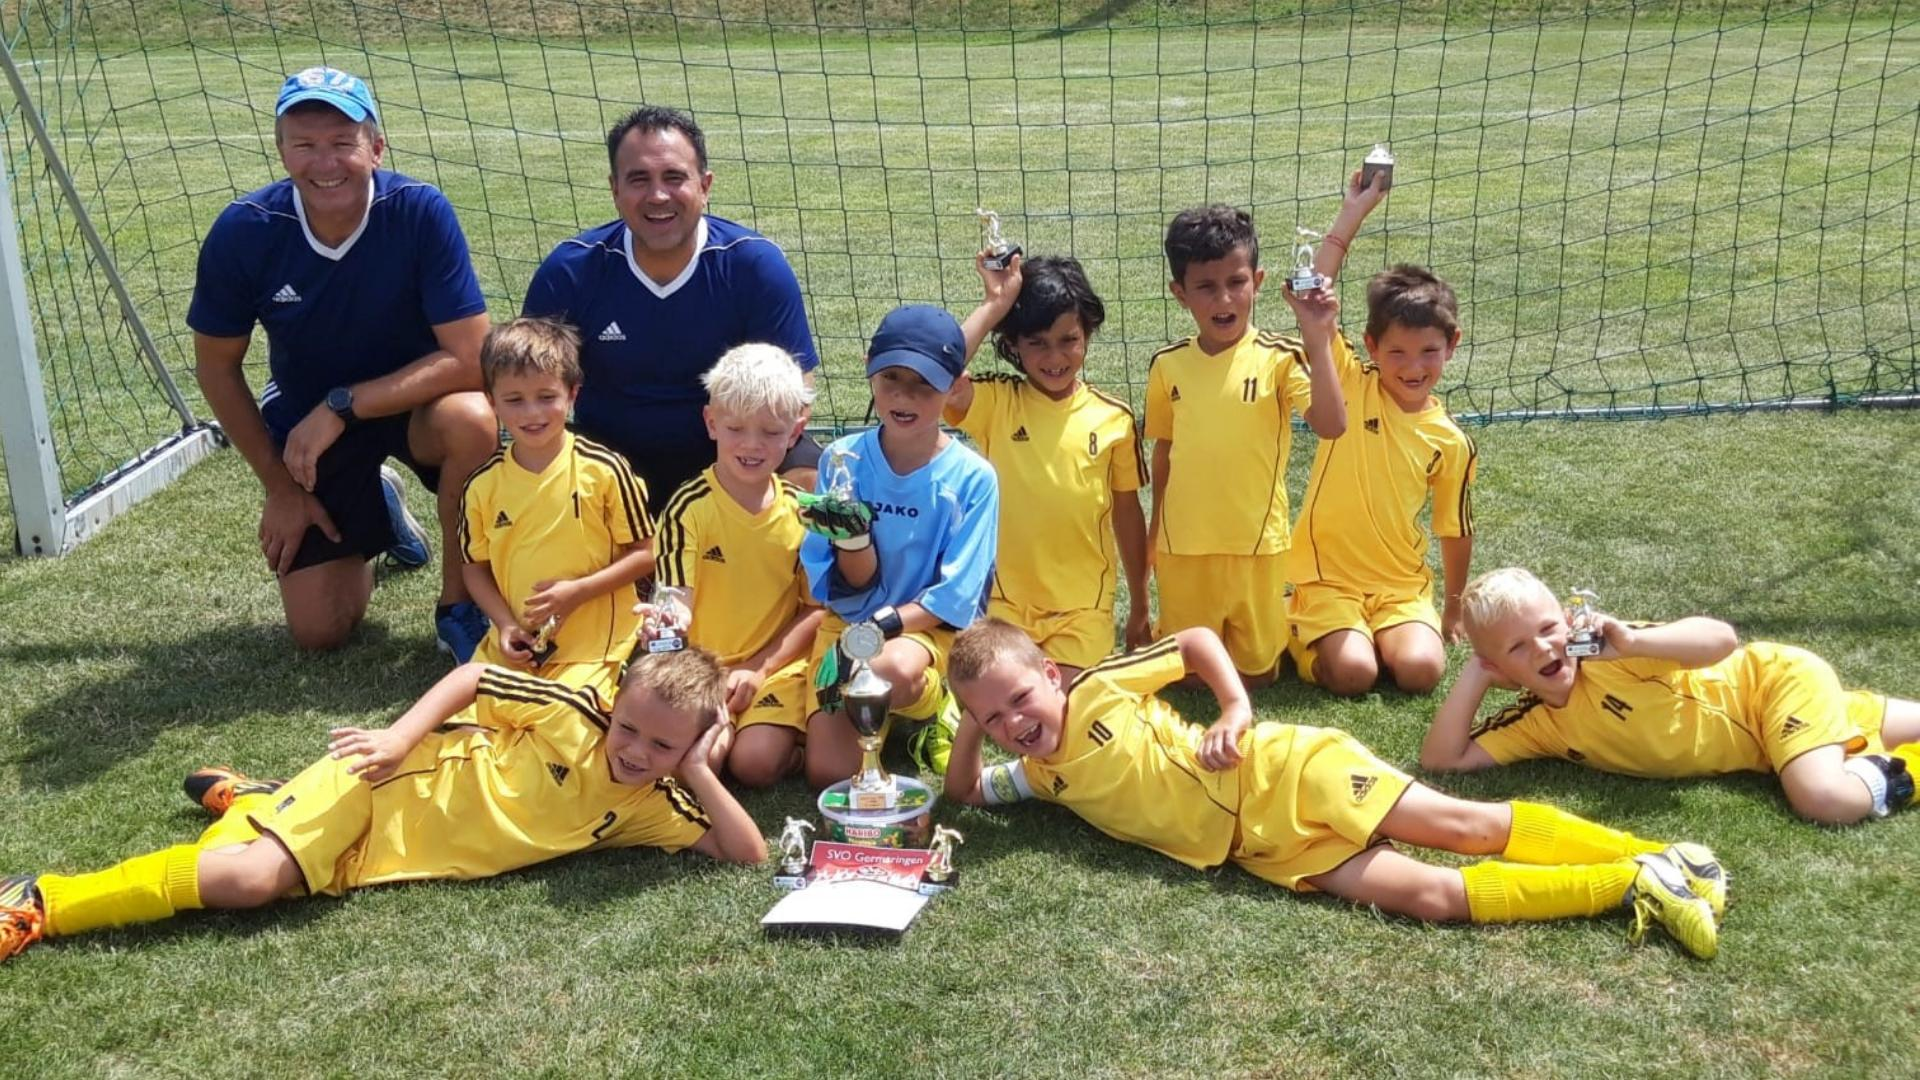 Linara Fußball Cup in Kaufbeuren